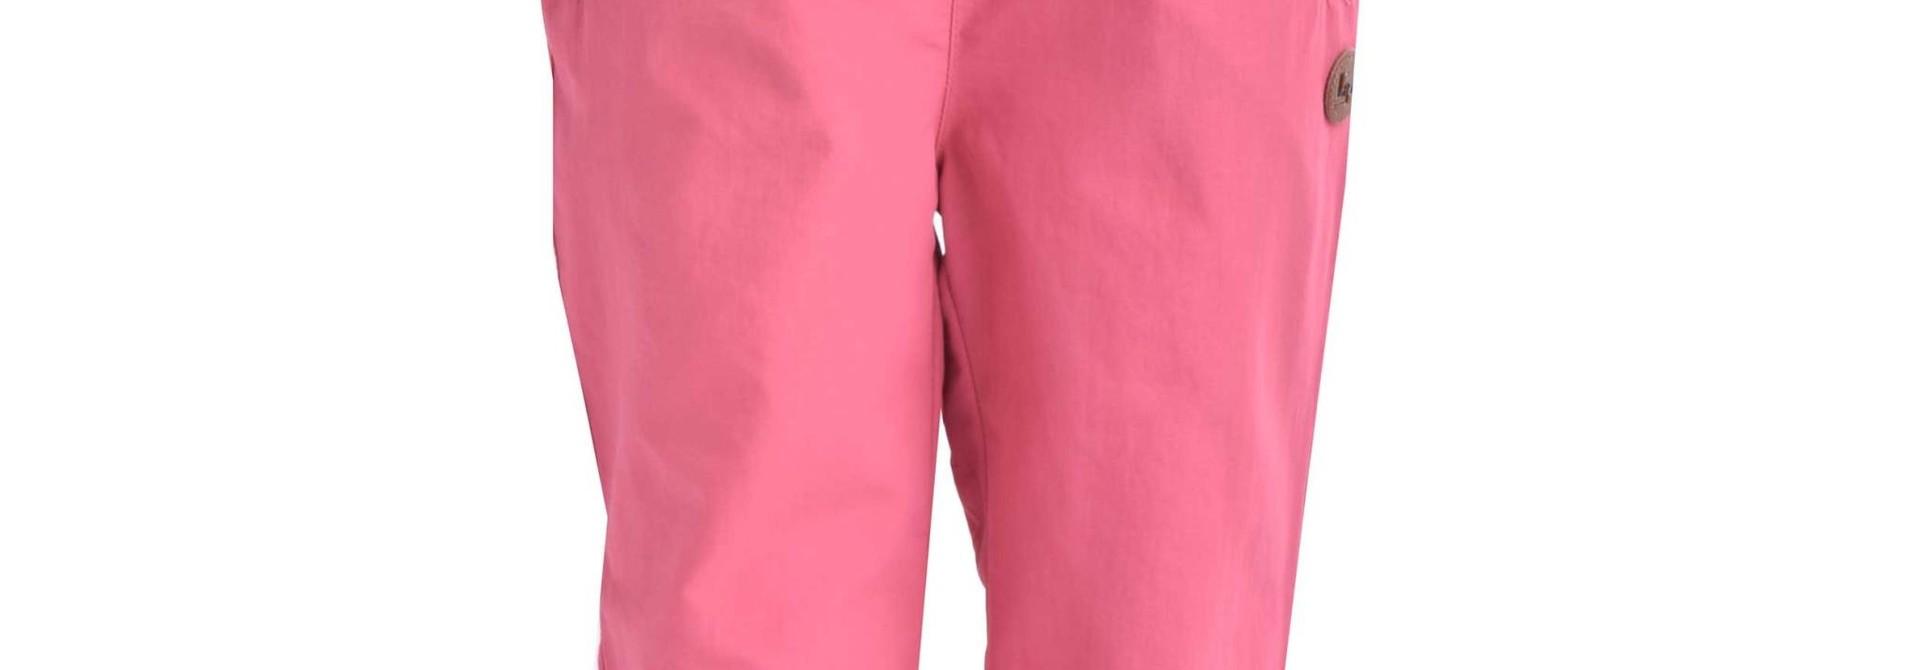 Pantalon ext. doublé en coton